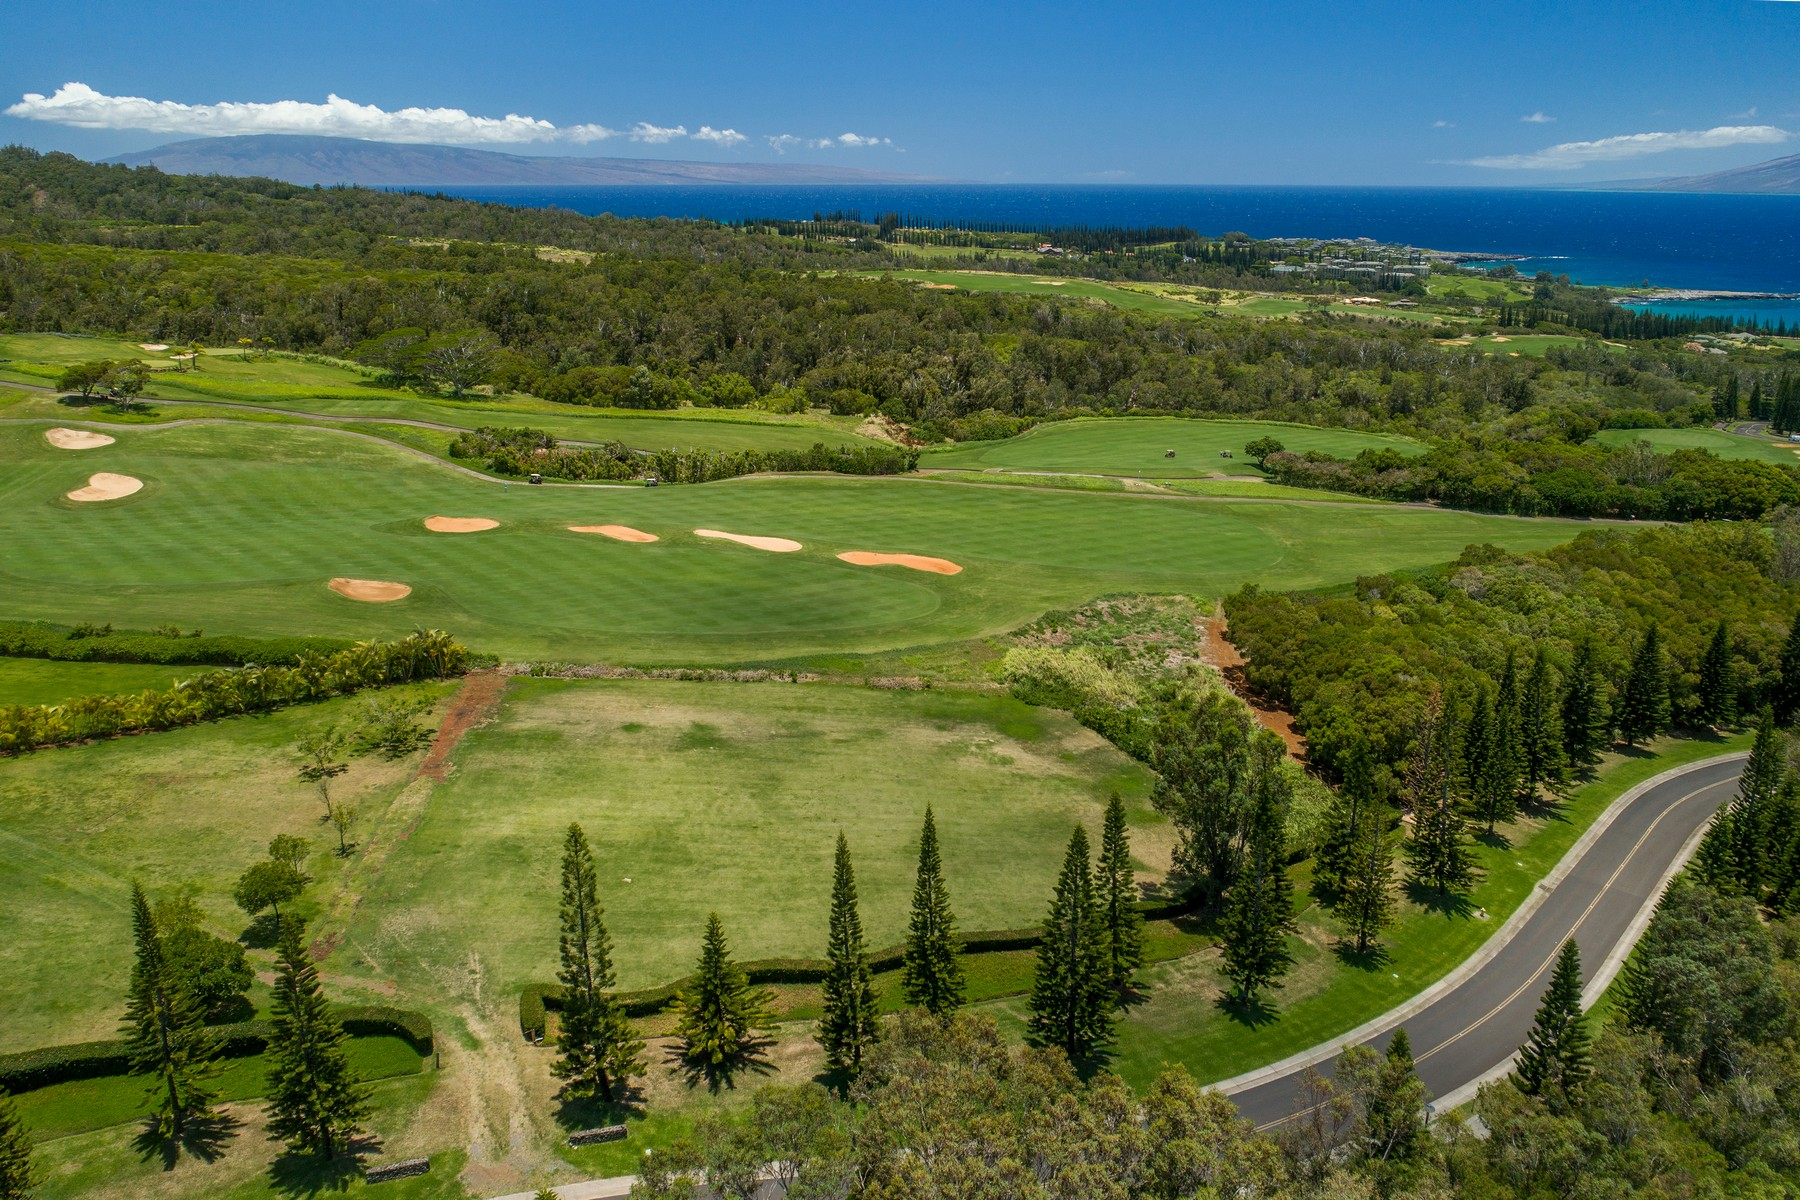 農場/牧場 / プランテーション のために 売買 アット Ocean View Homesite Overlooking the Kapalua Plantation Course 600 Honokohau St Lahaina, ハワイ 96761 アメリカ合衆国